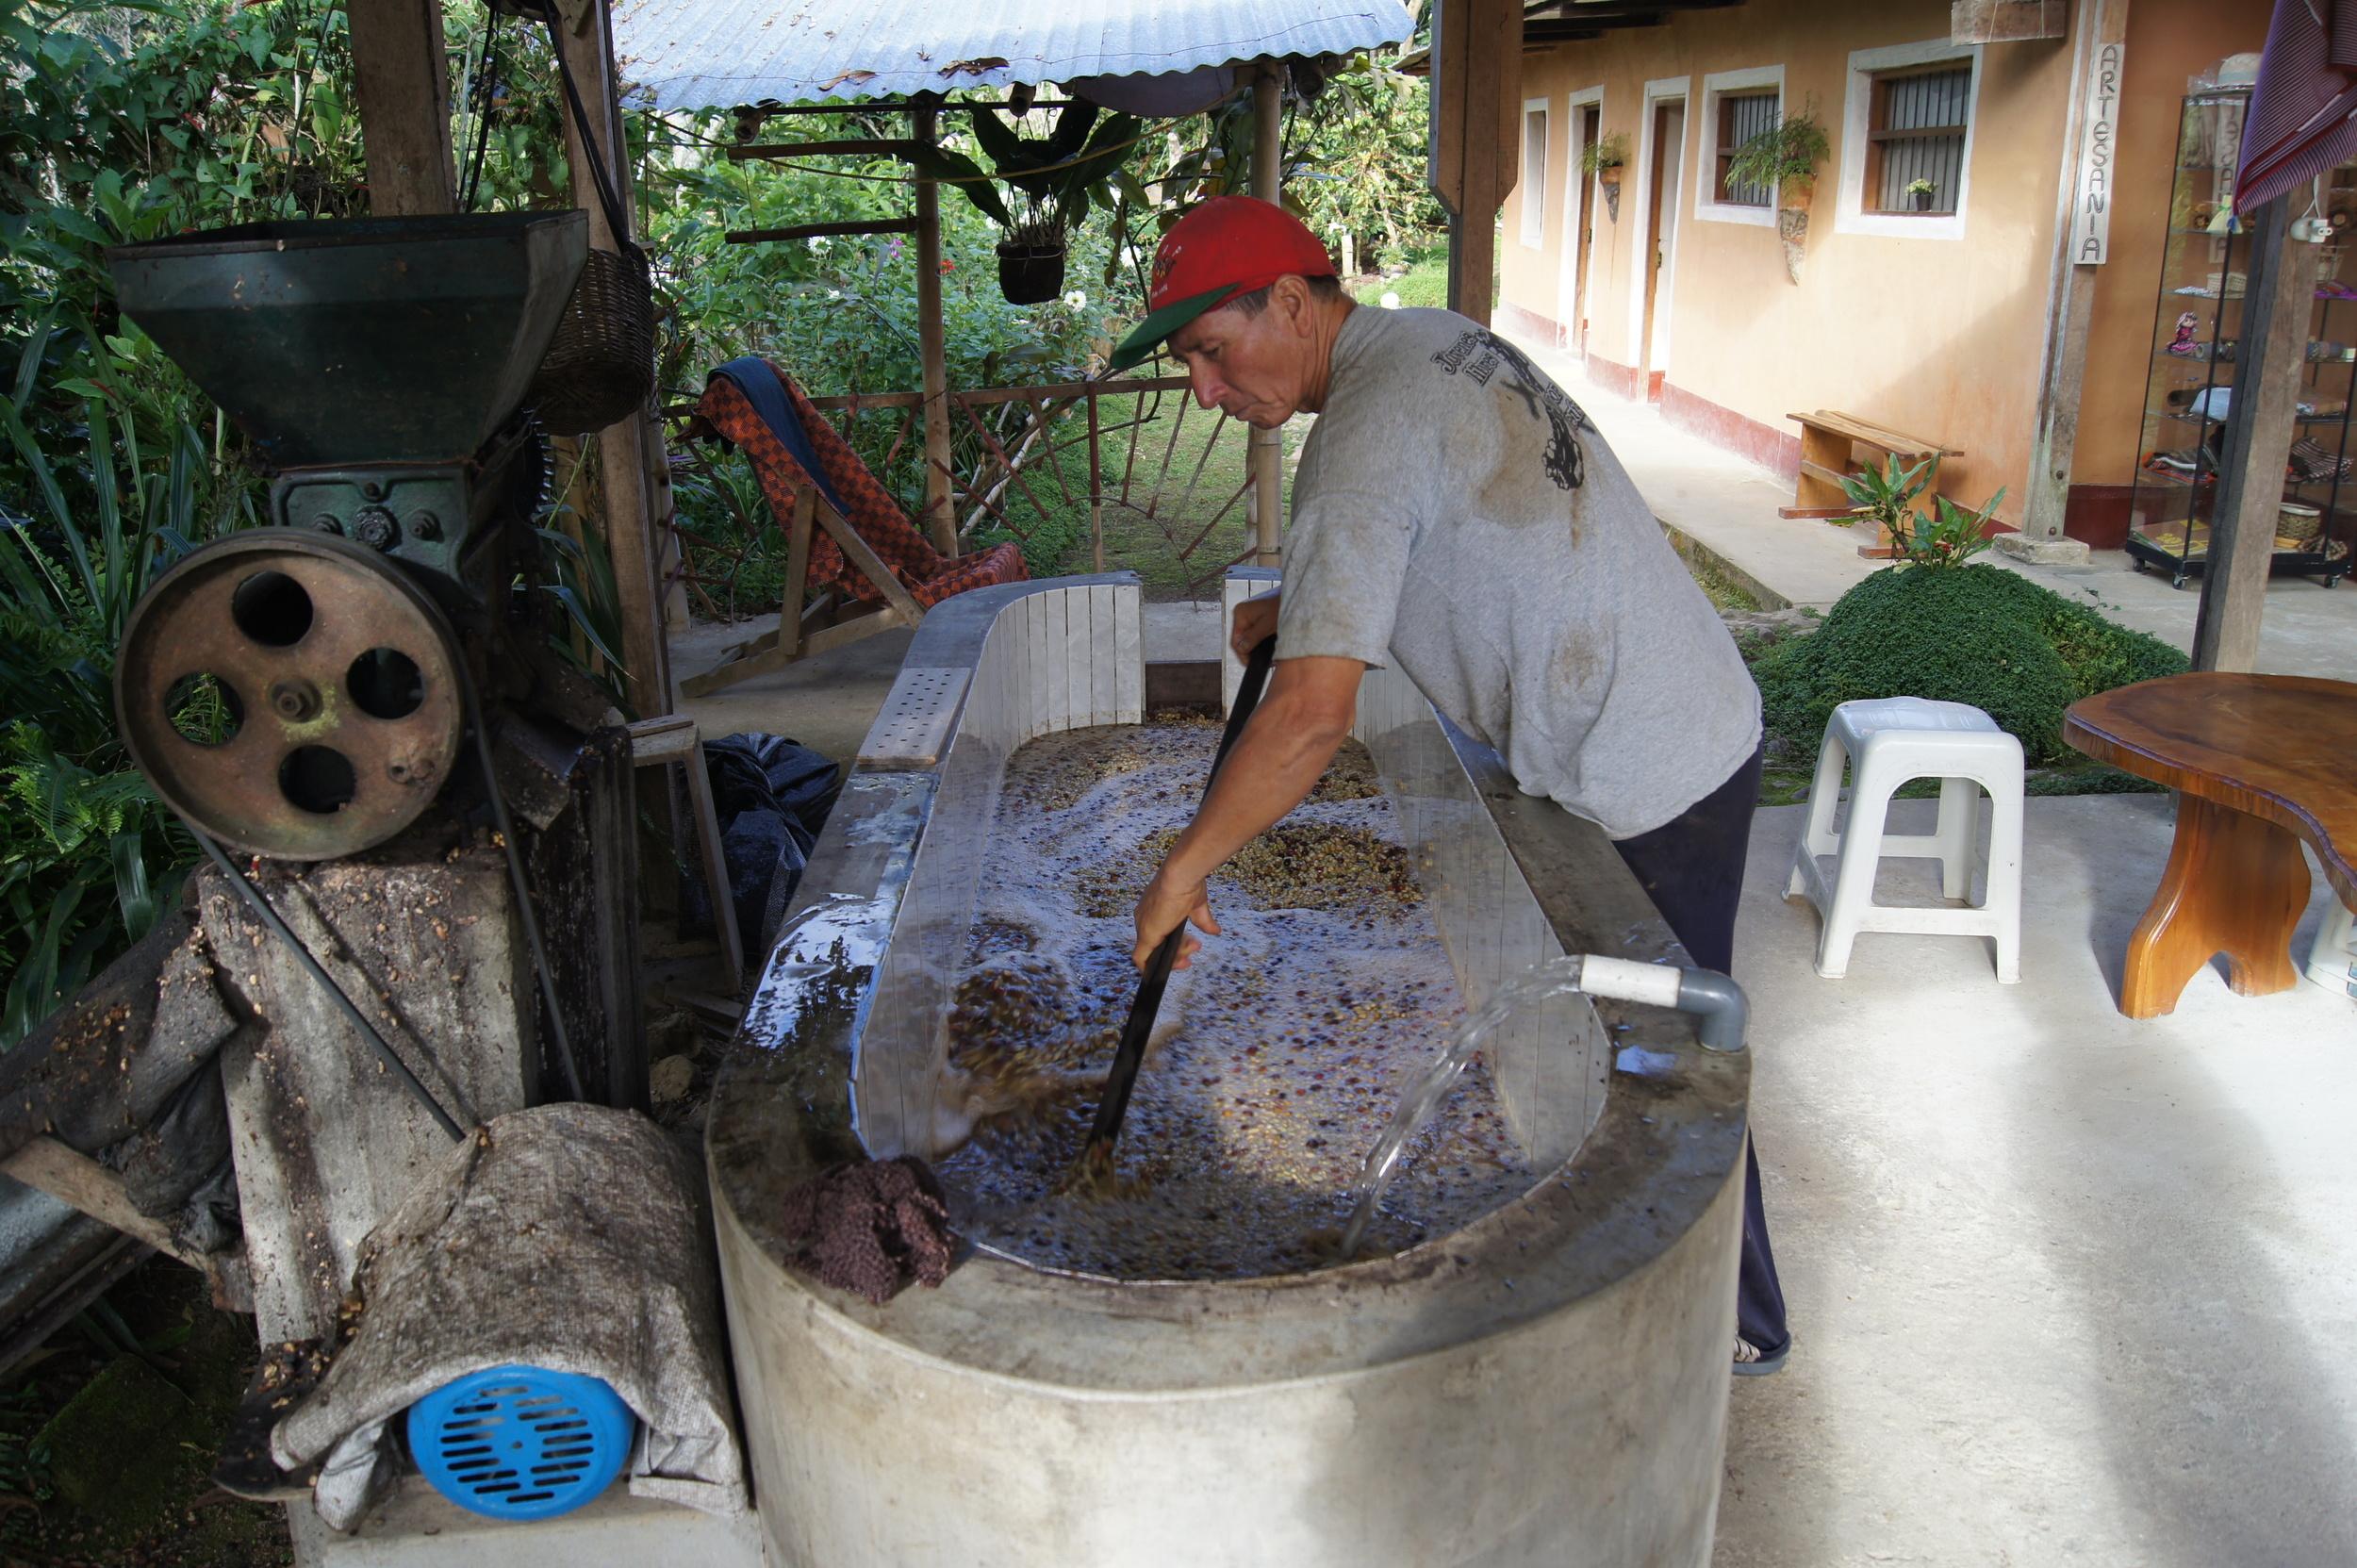 Lavage du café sur la parcelle Los Pinos.Juan Francisco Rivera, producteur de café de la région de San Ignacio, a mis au point des processus artisanaux de fermentation, lavage,sélection et séchage du café qui lui permettent de produire un café de grande qualité.